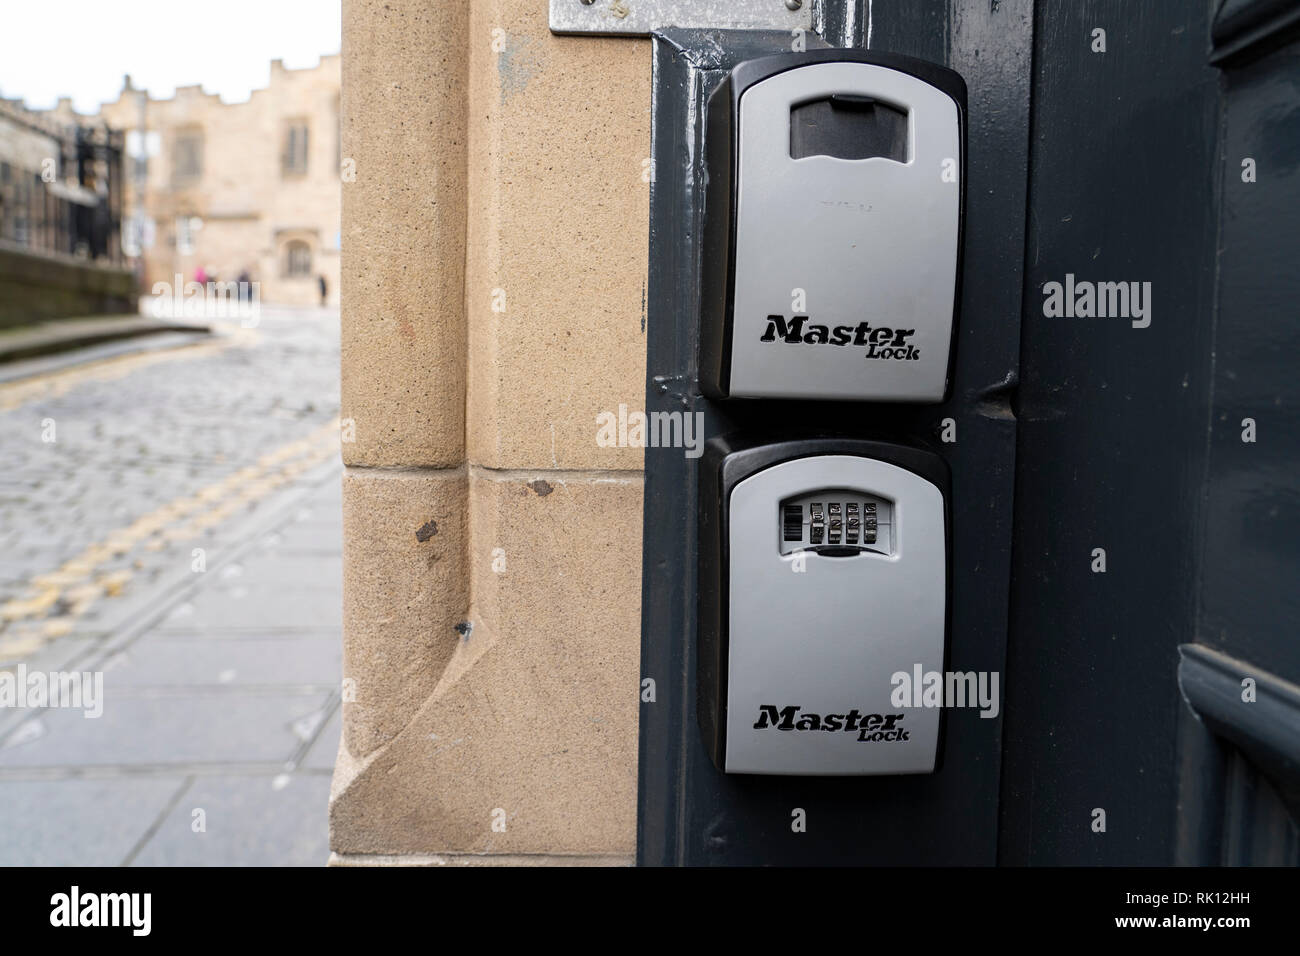 Kästchen für AirbnB Gäste Zugang Tür Schlüssel außerhalb Apartment Gebäude in der Altstadt von Edinburgh, Schottland, Großbritannien Stockbild